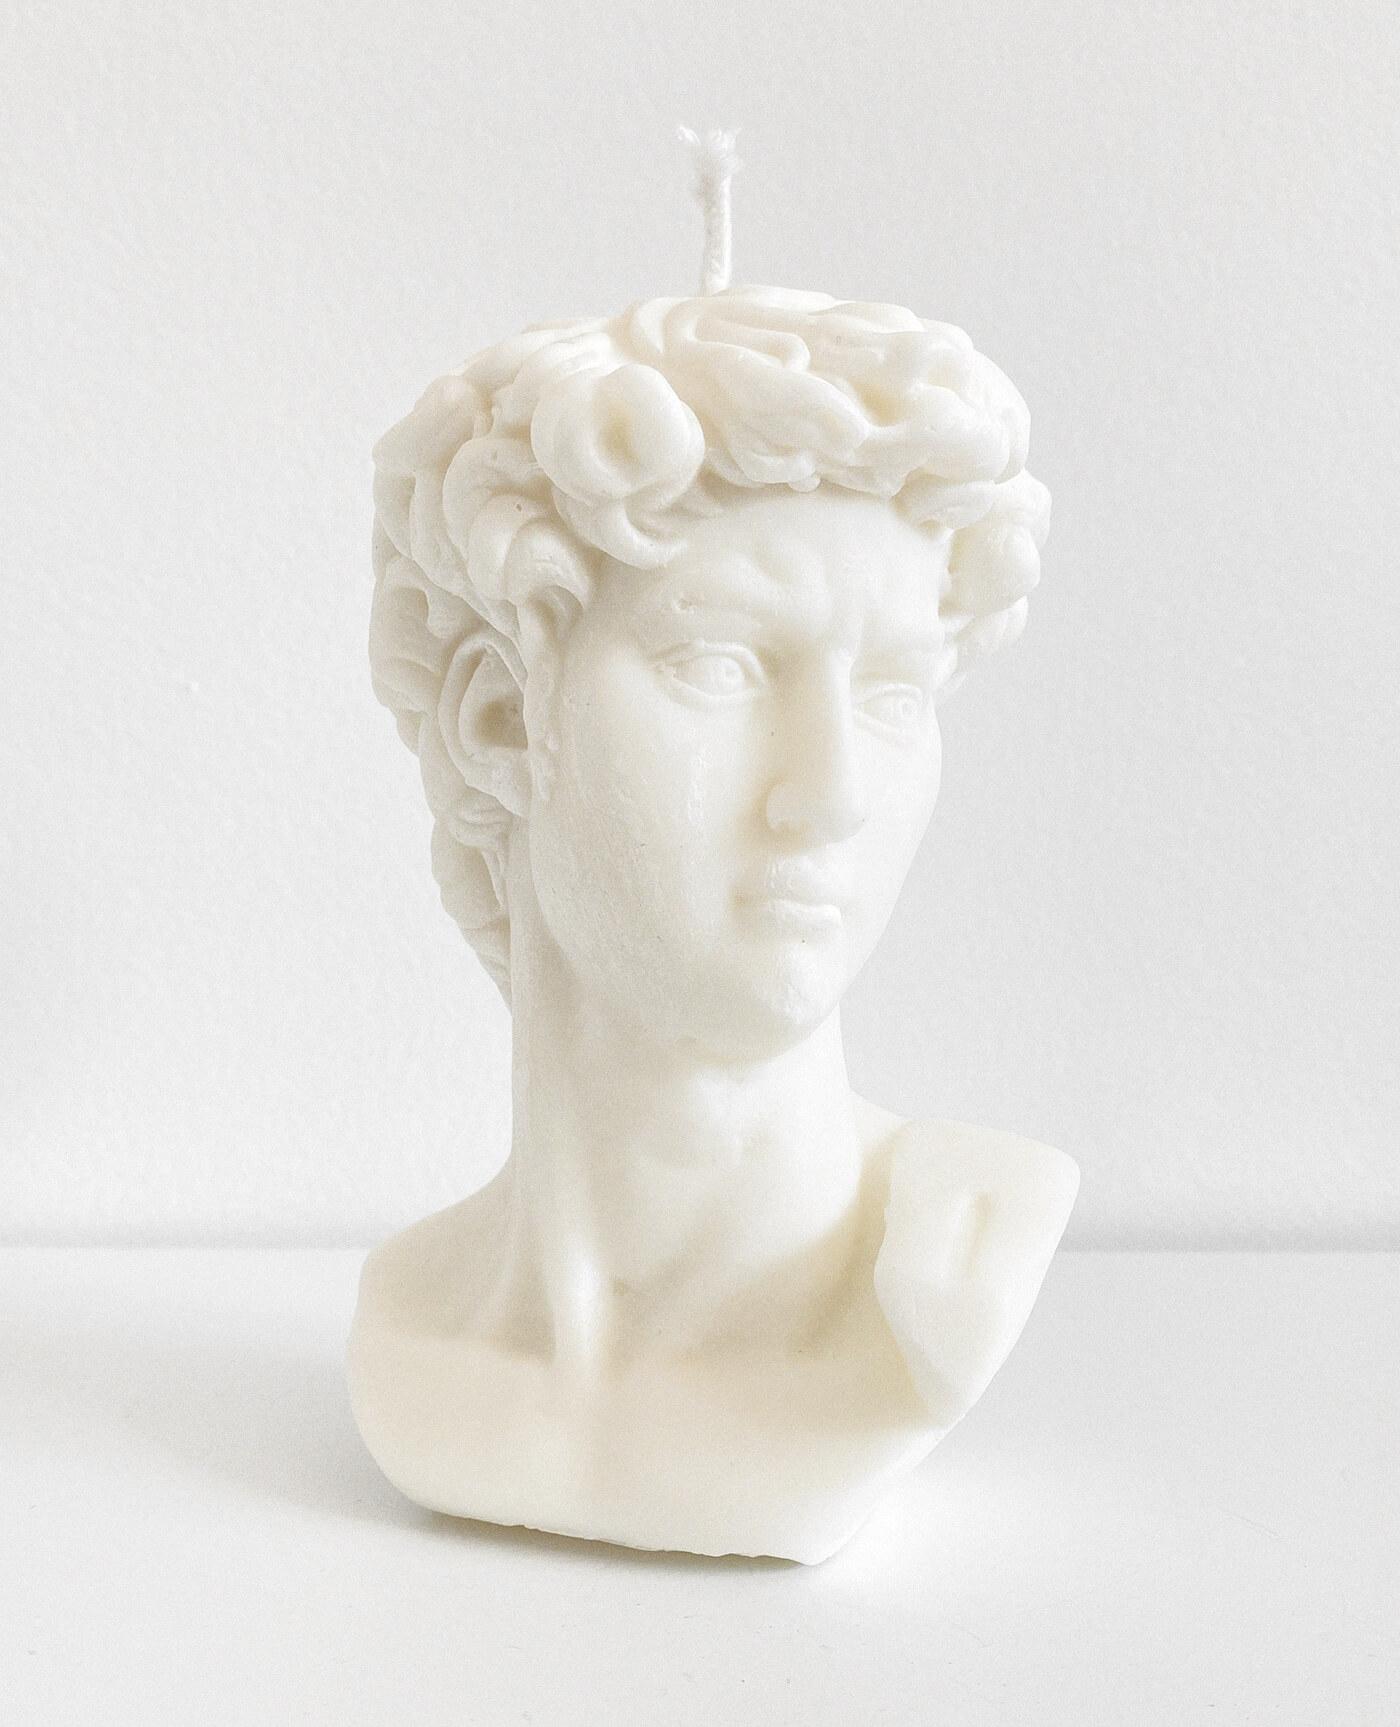 Bougie parfumée Le David sculpture vegan de la marque Prose